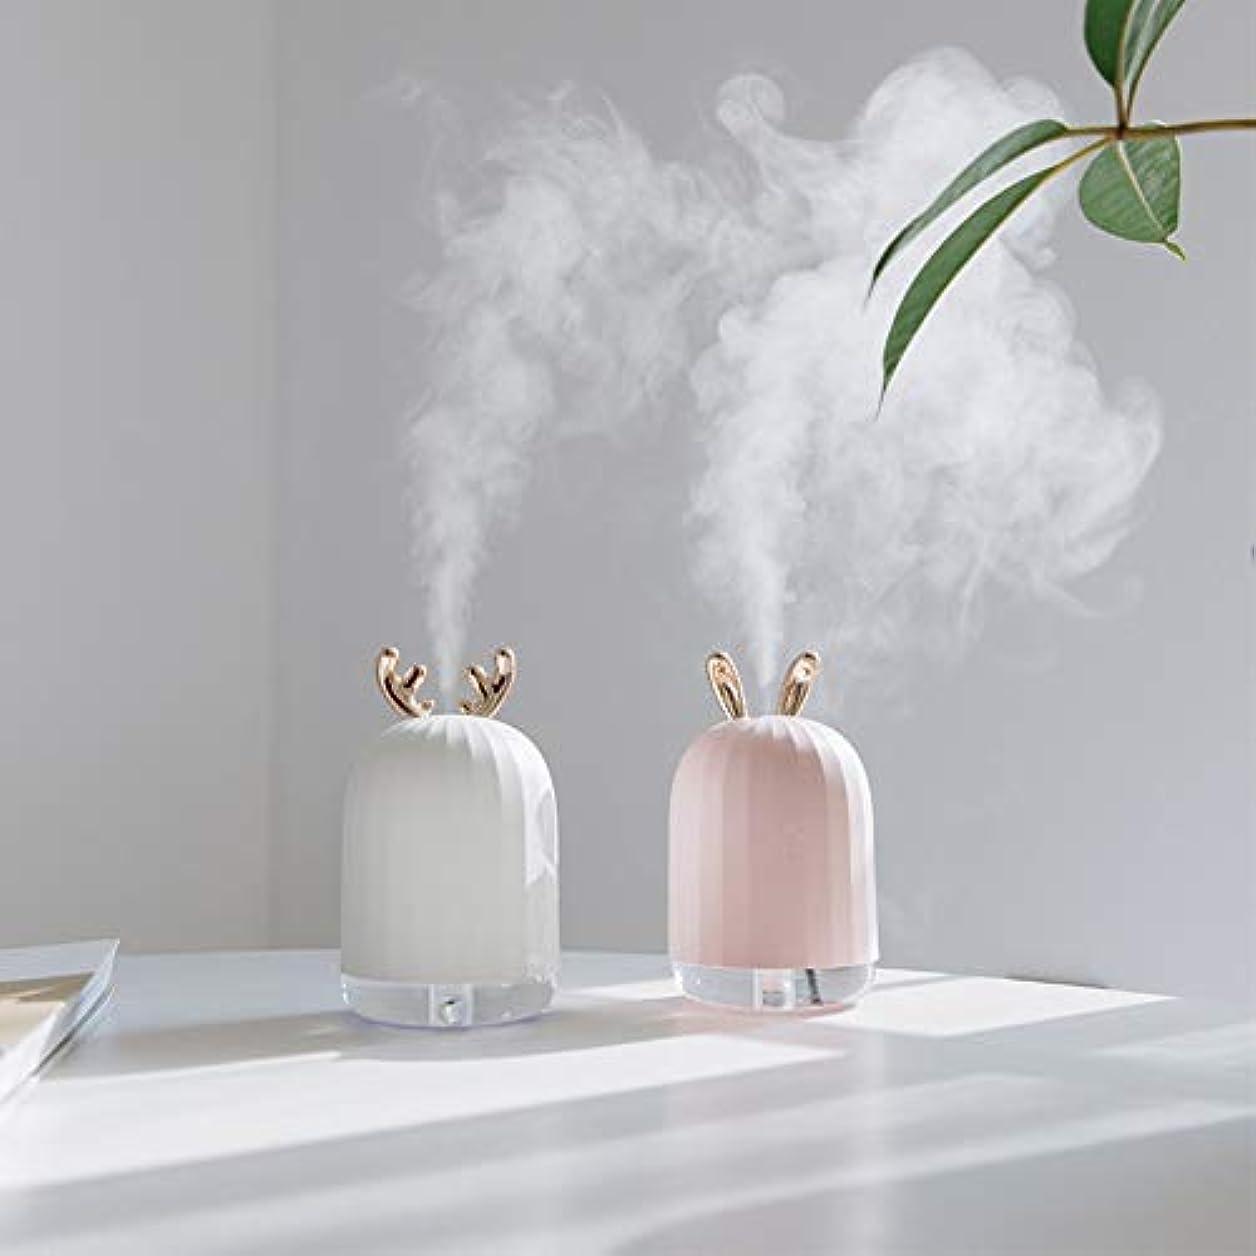 カカドゥ感嘆他にZXF LED水蒸気顔加湿器usb充電ナノスプレーカラフルな雰囲気ライトホワイトアントラーズピンクうさぎモデルでクリエイティブ美容水和機器コールドスプレークリエイティブ 滑らかである (色 : White)